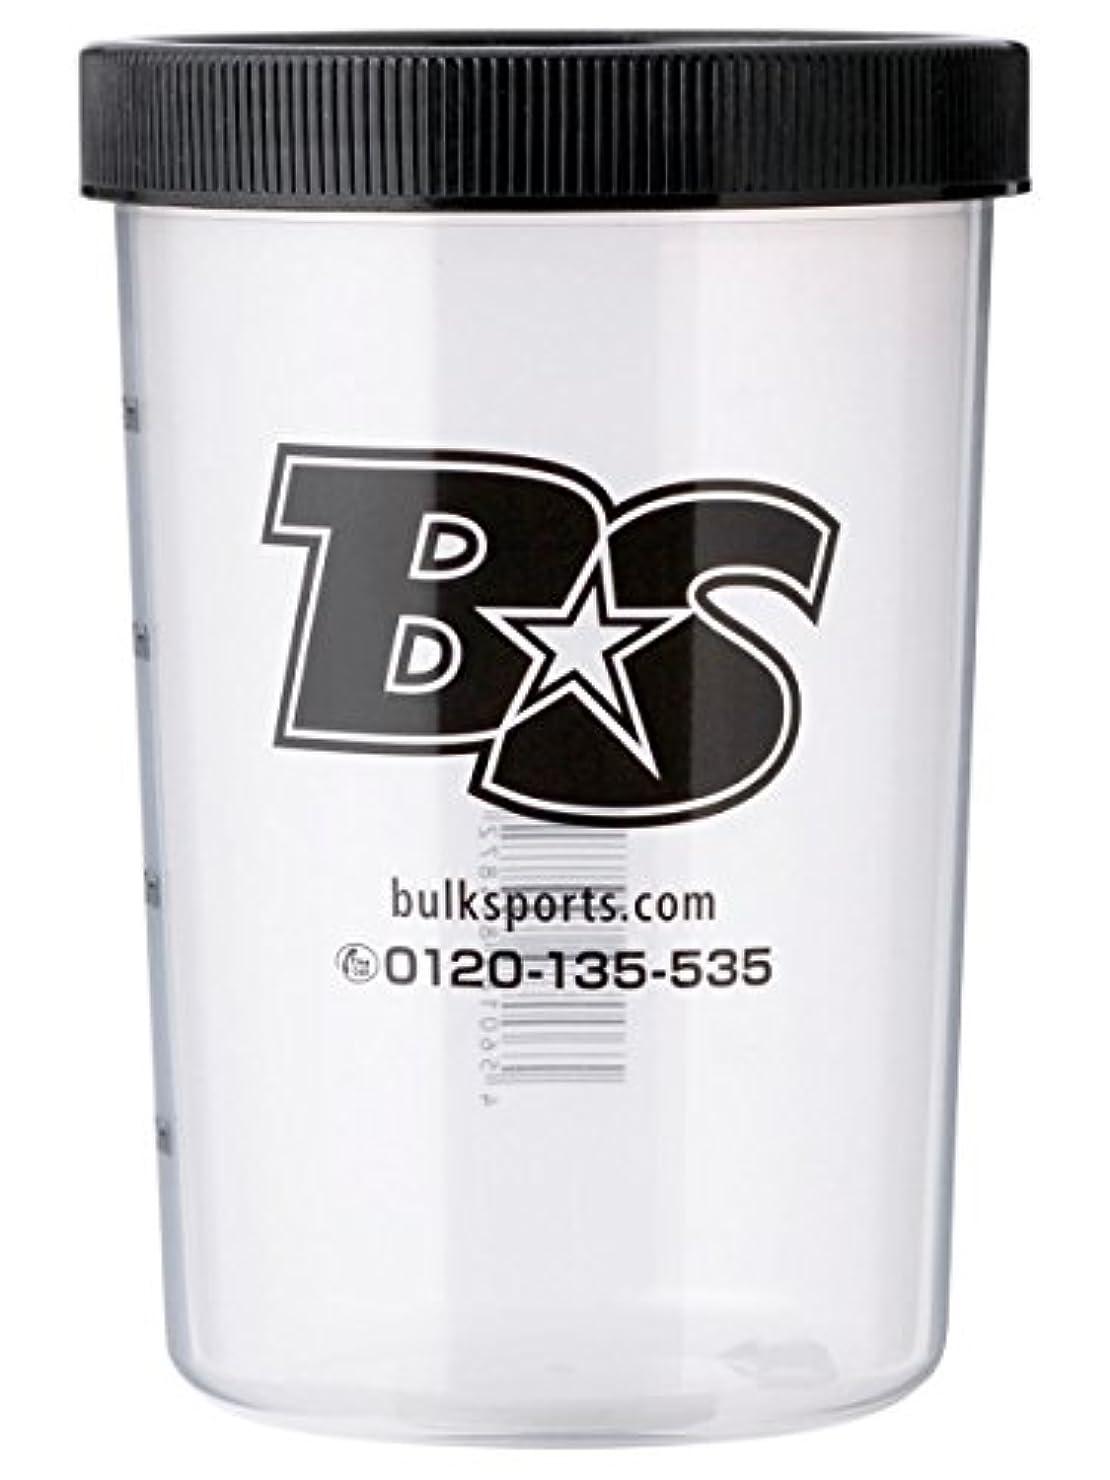 退院求めるくるくるバルクスポーツ プロテインシェイカー BS STAR ロゴ入りシェイカーカップ(500ml)【日本製】